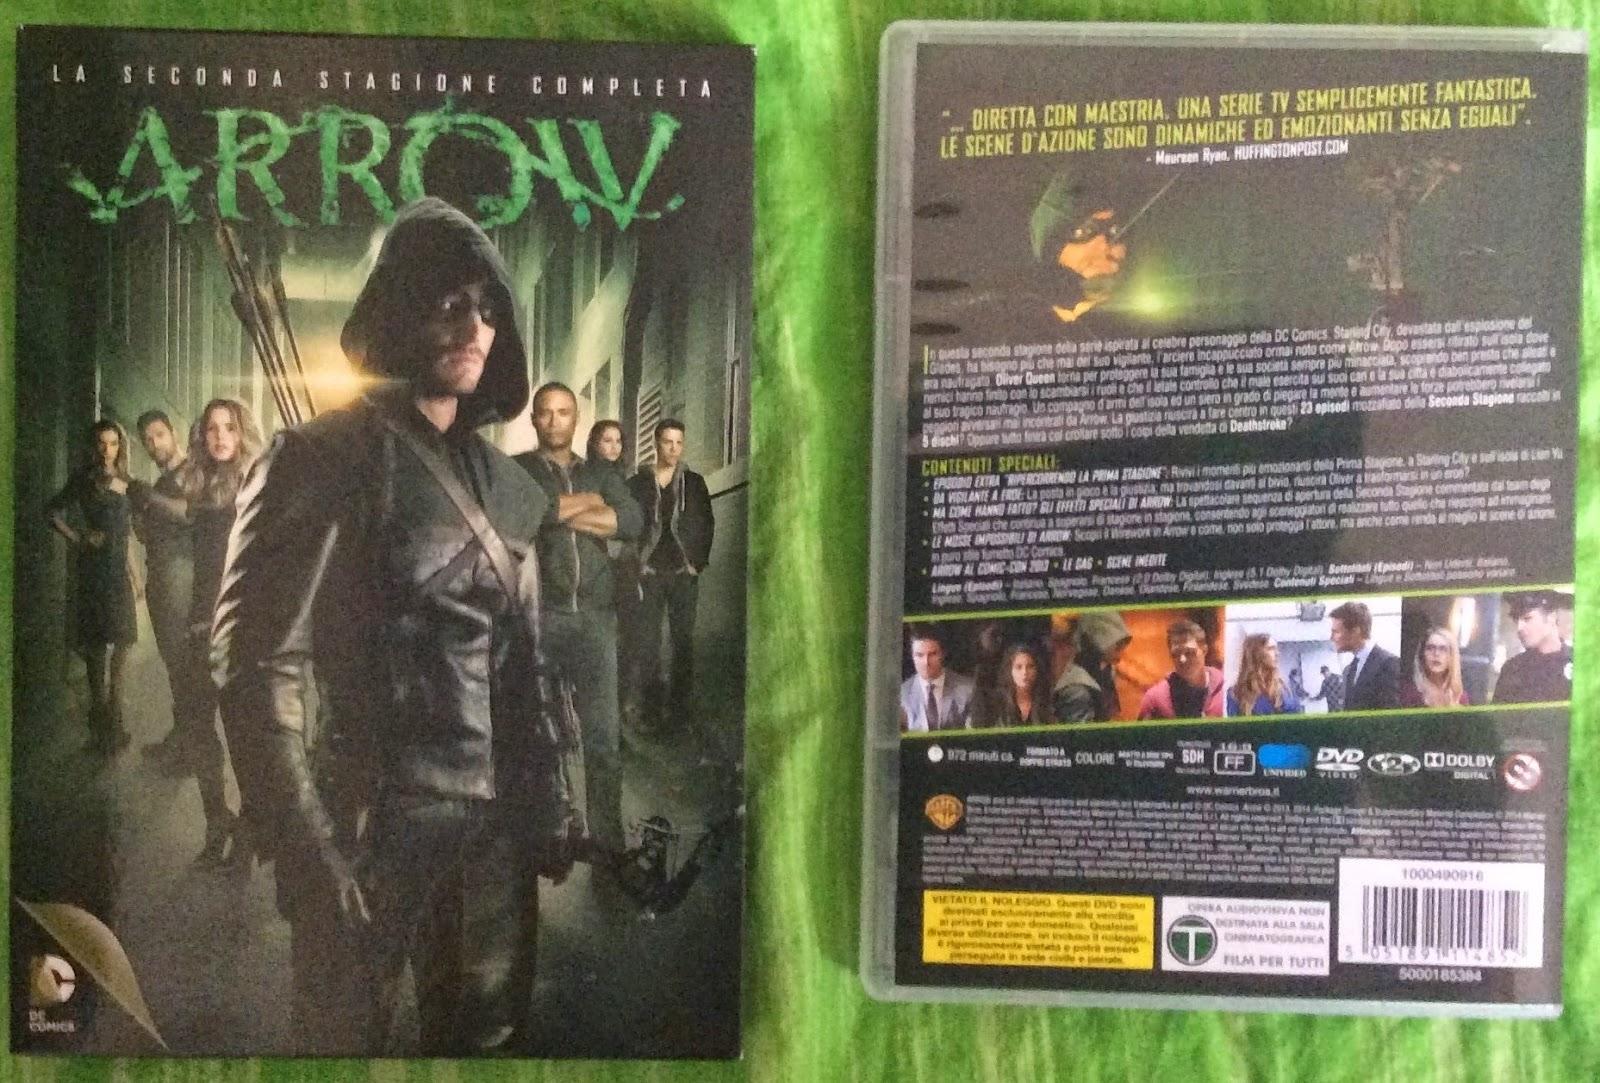 ARROW - SECONDA STAGIONE, RECENSIONE DEL COFANETTO CON LA SERIE TV SU DVD